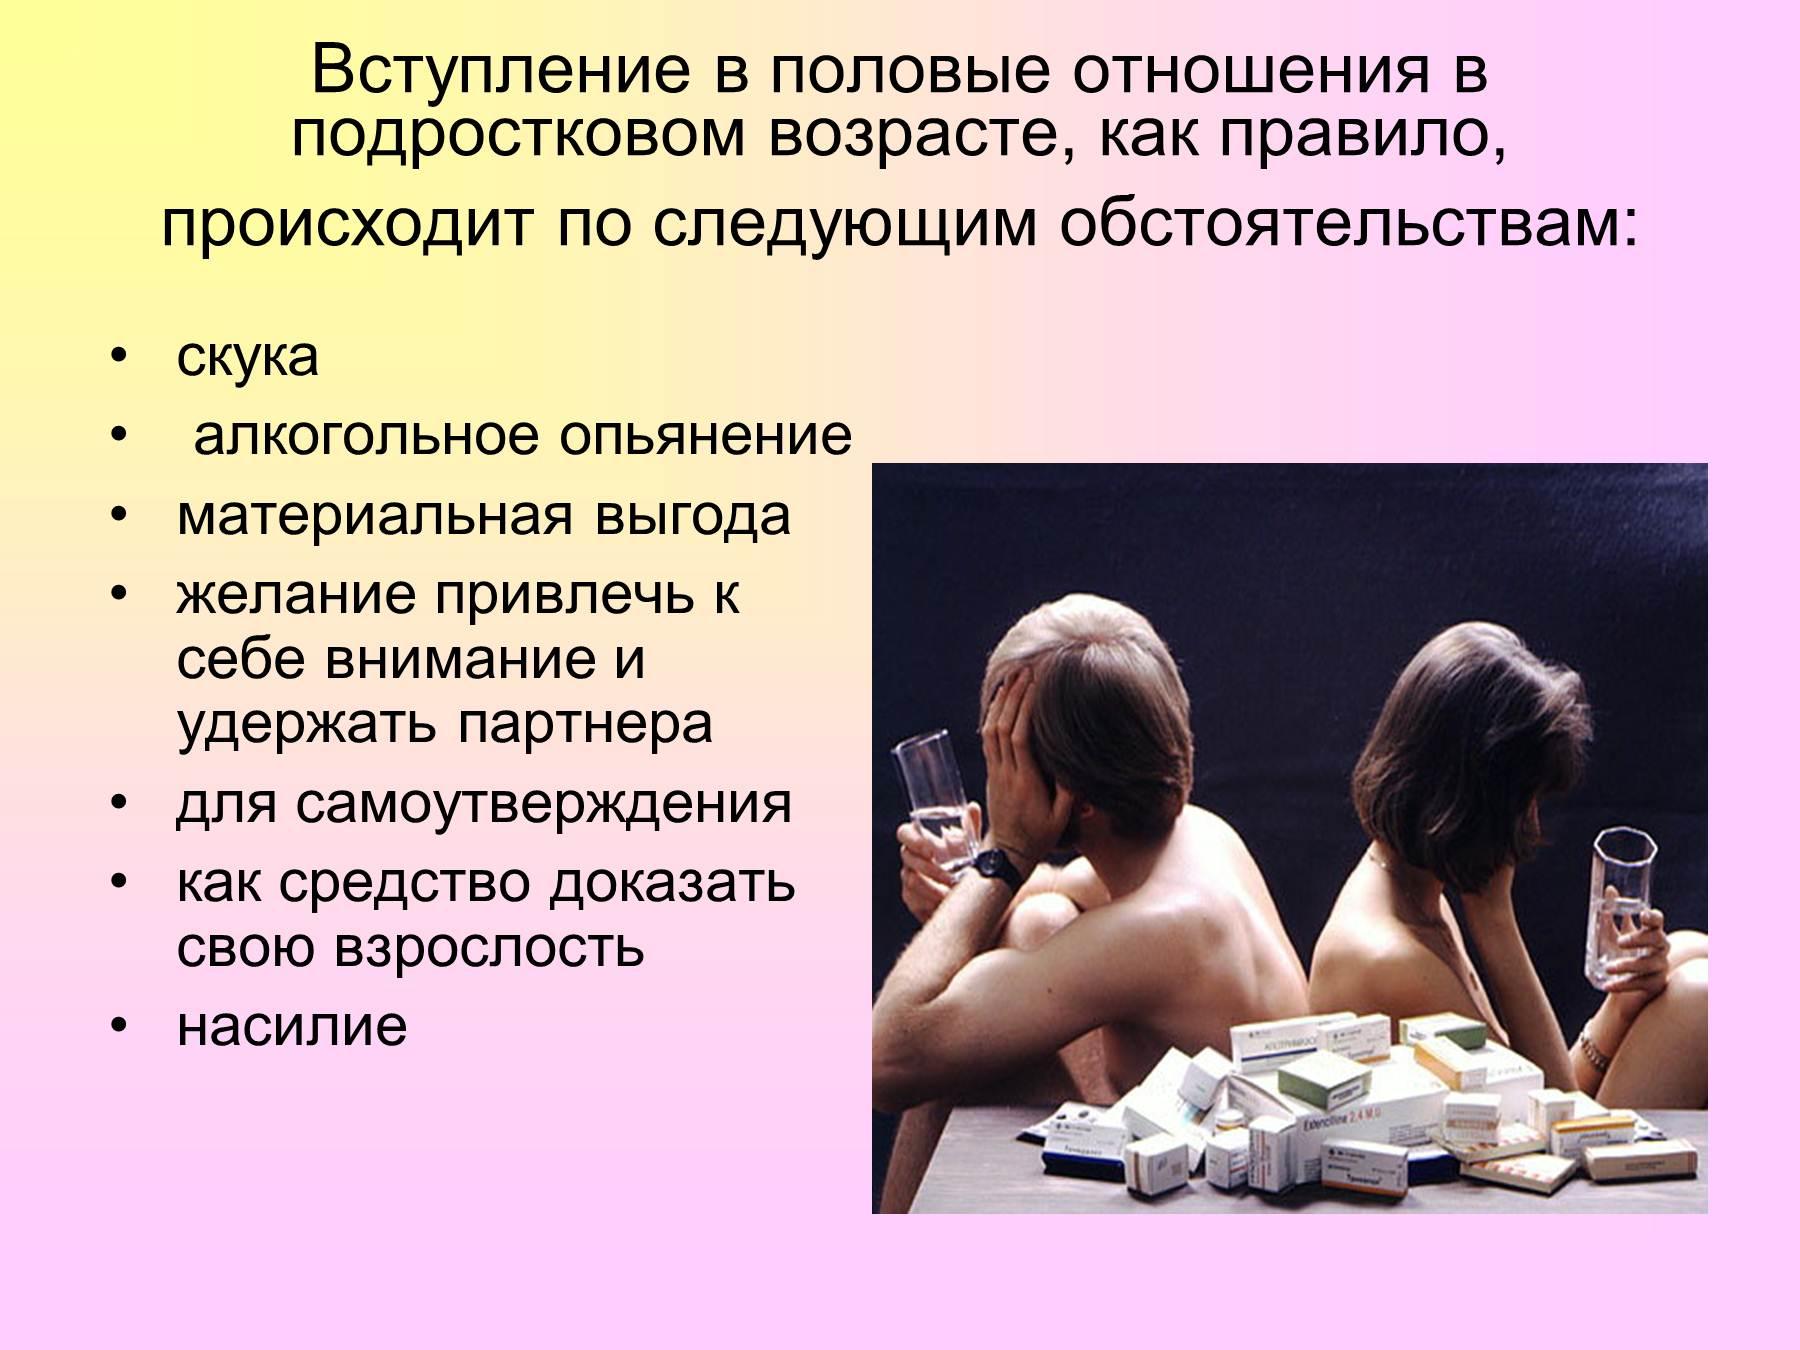 referat-seksualnoe-otnosheniya-i-zdorovya